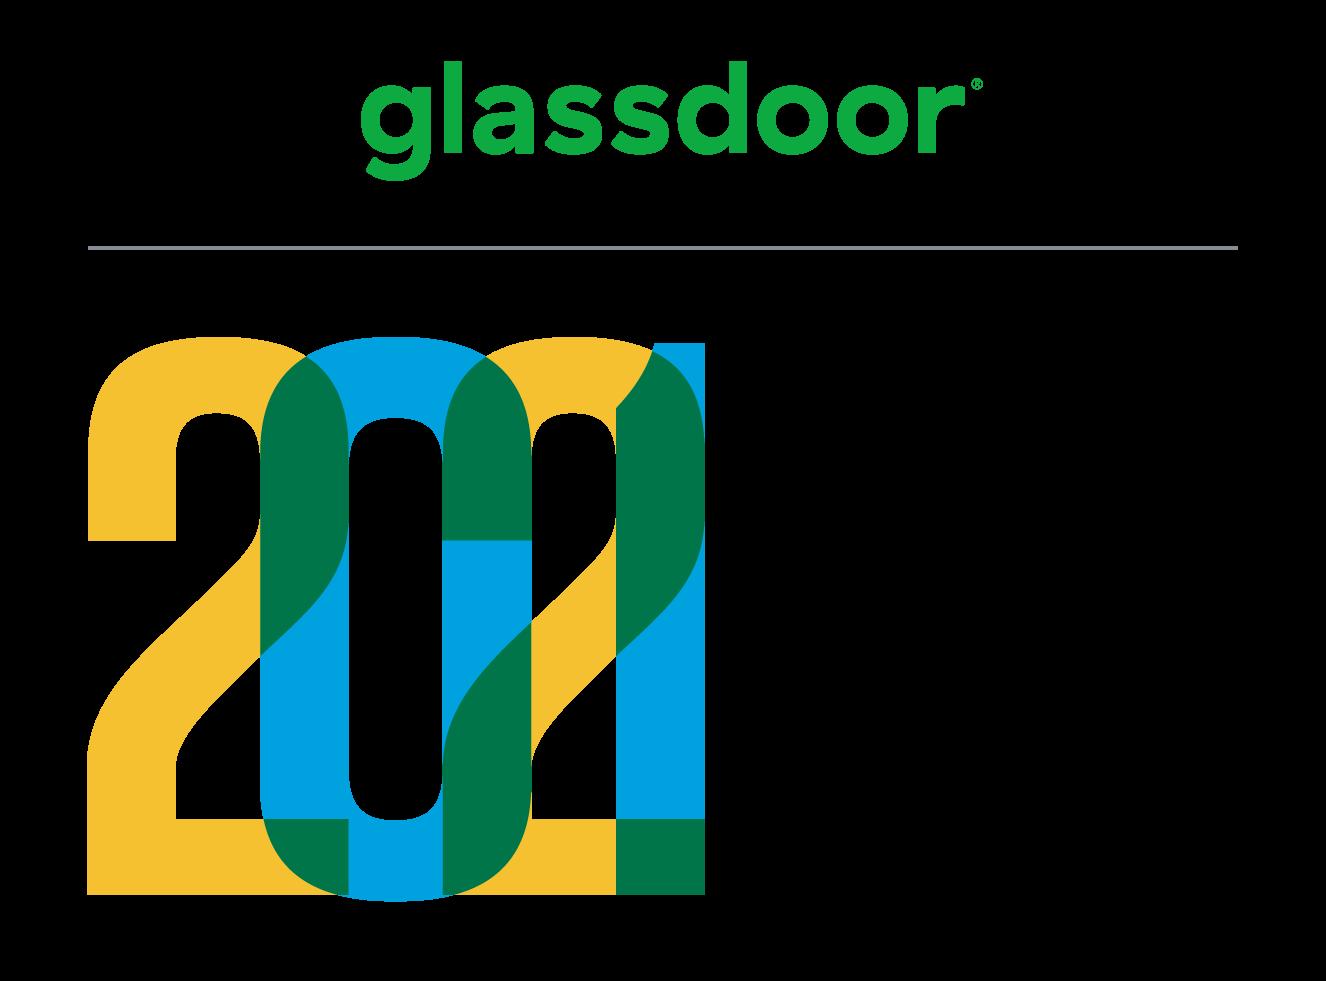 Glassdoor Best Places to Work 2021